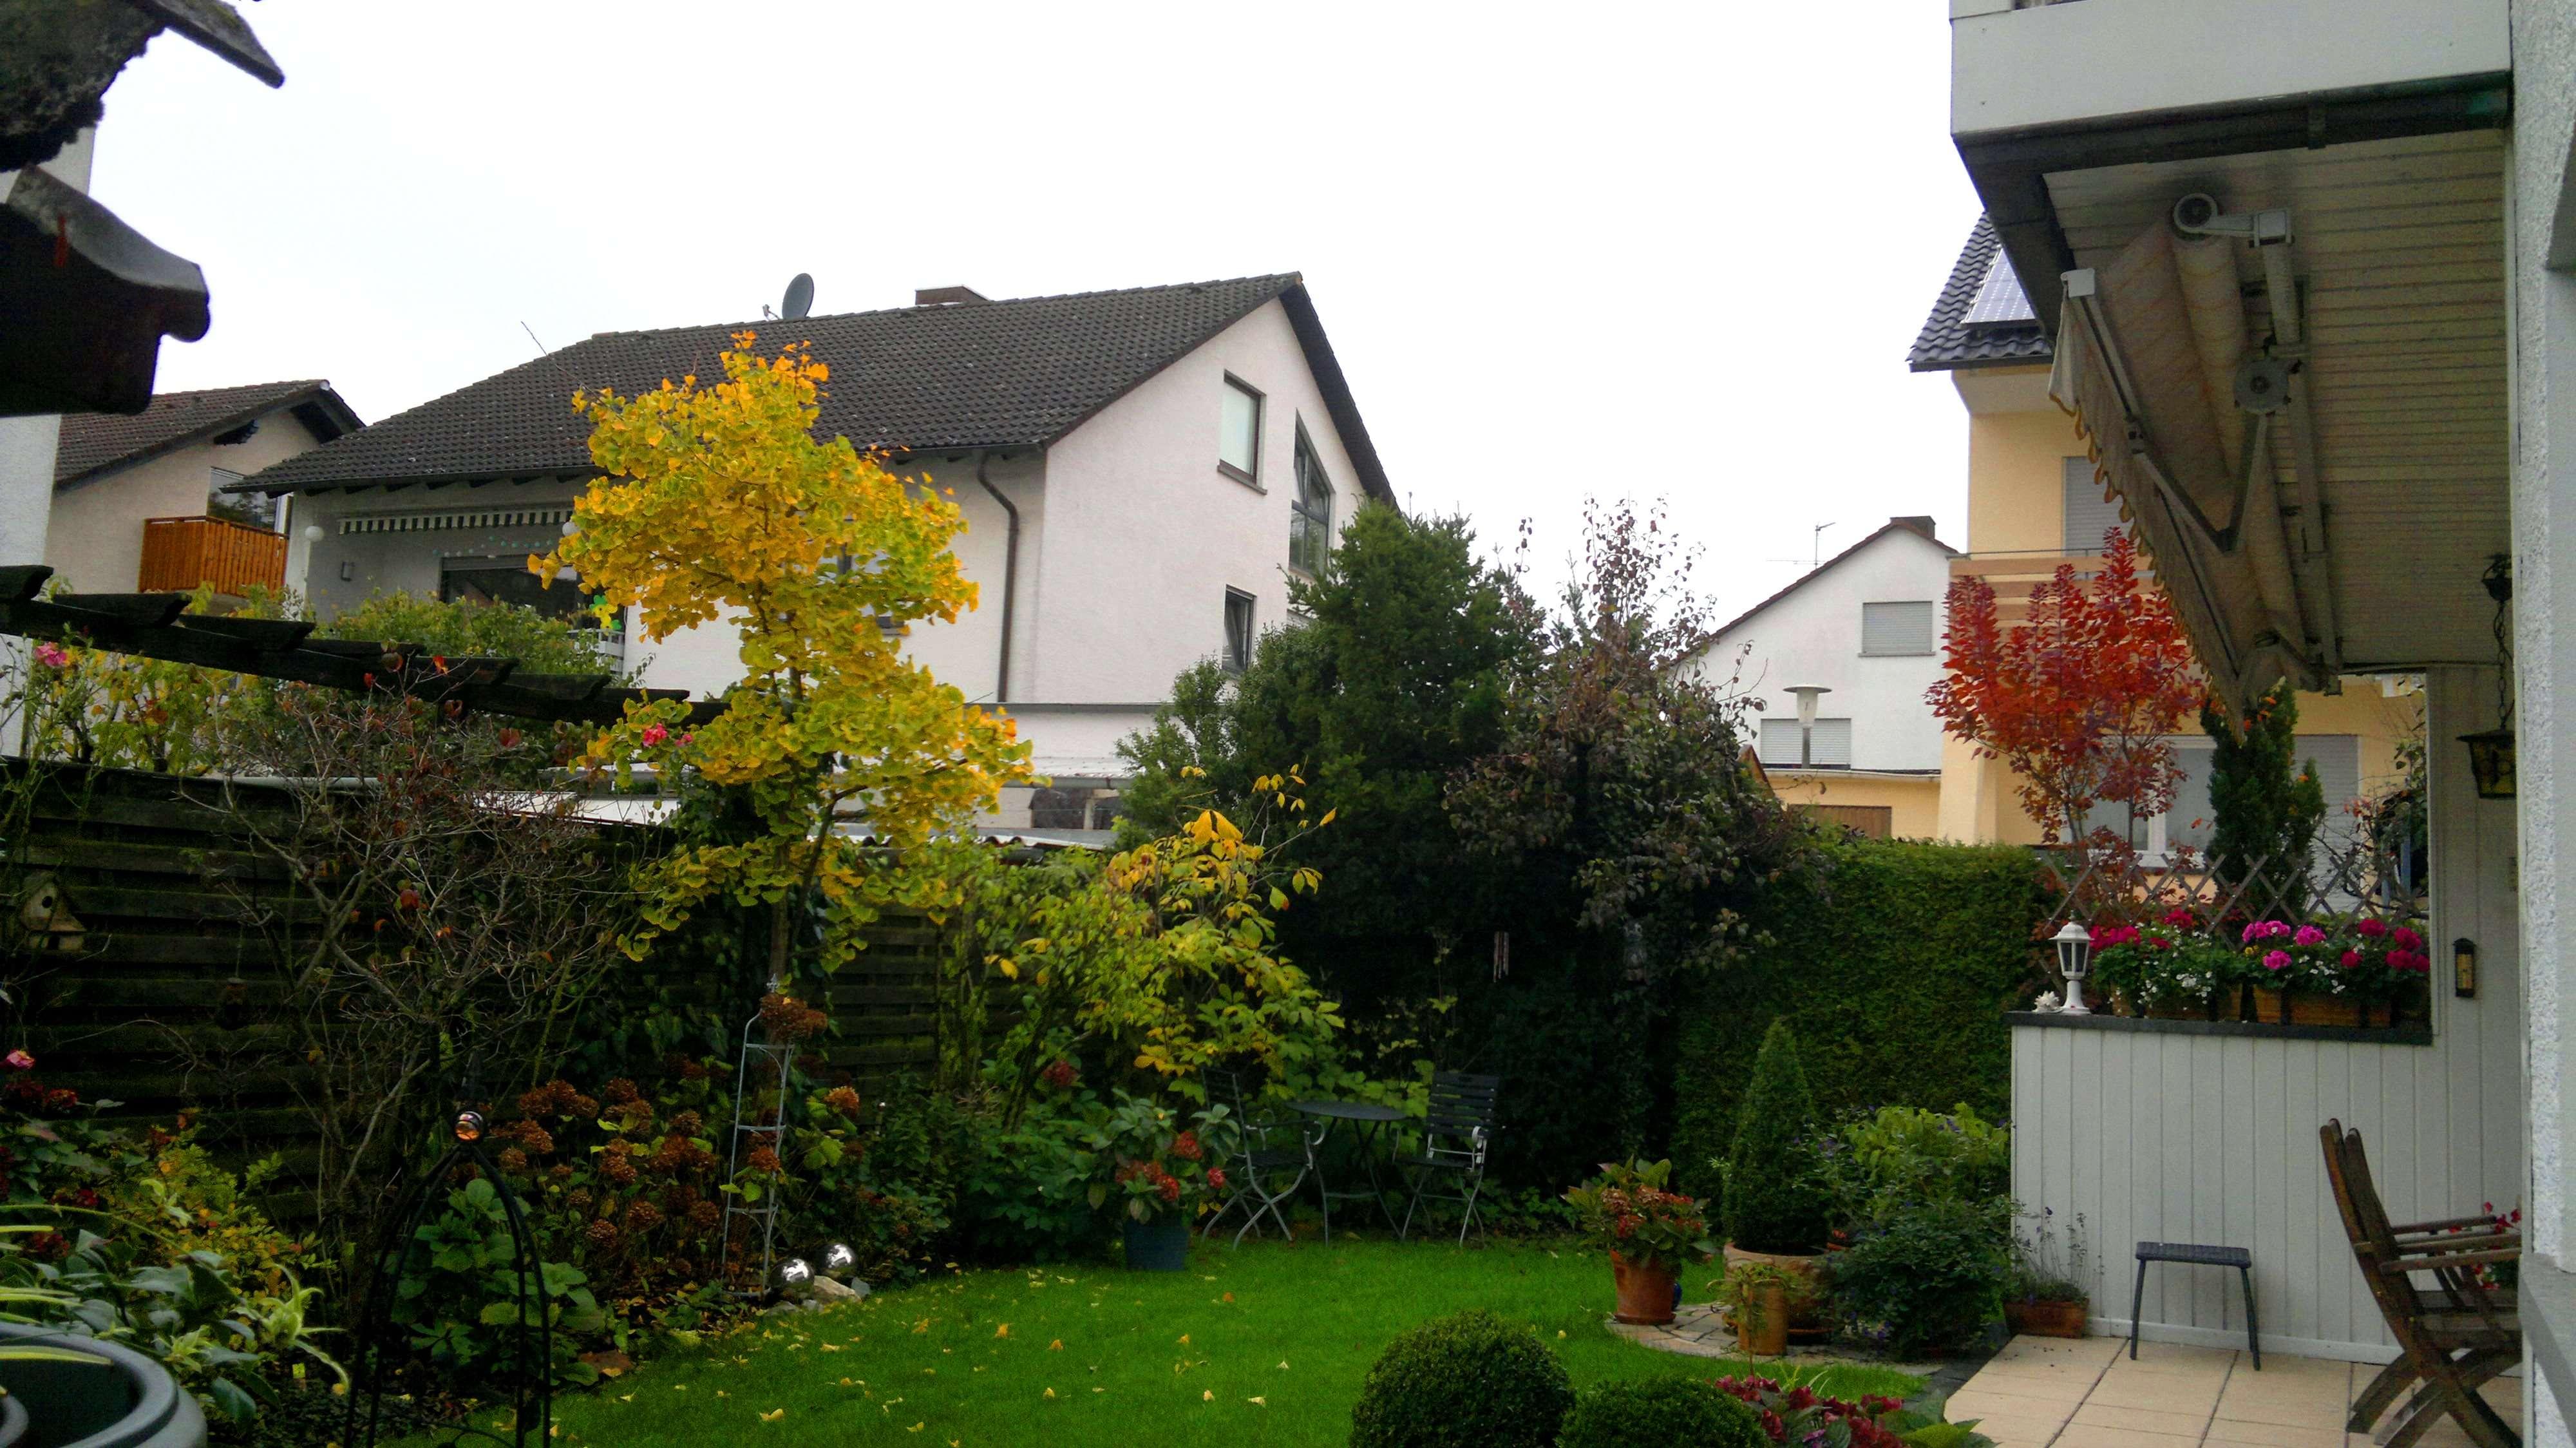 Komfortable 3-Zimmerwohnung in Haibach (Aschaffenburg)